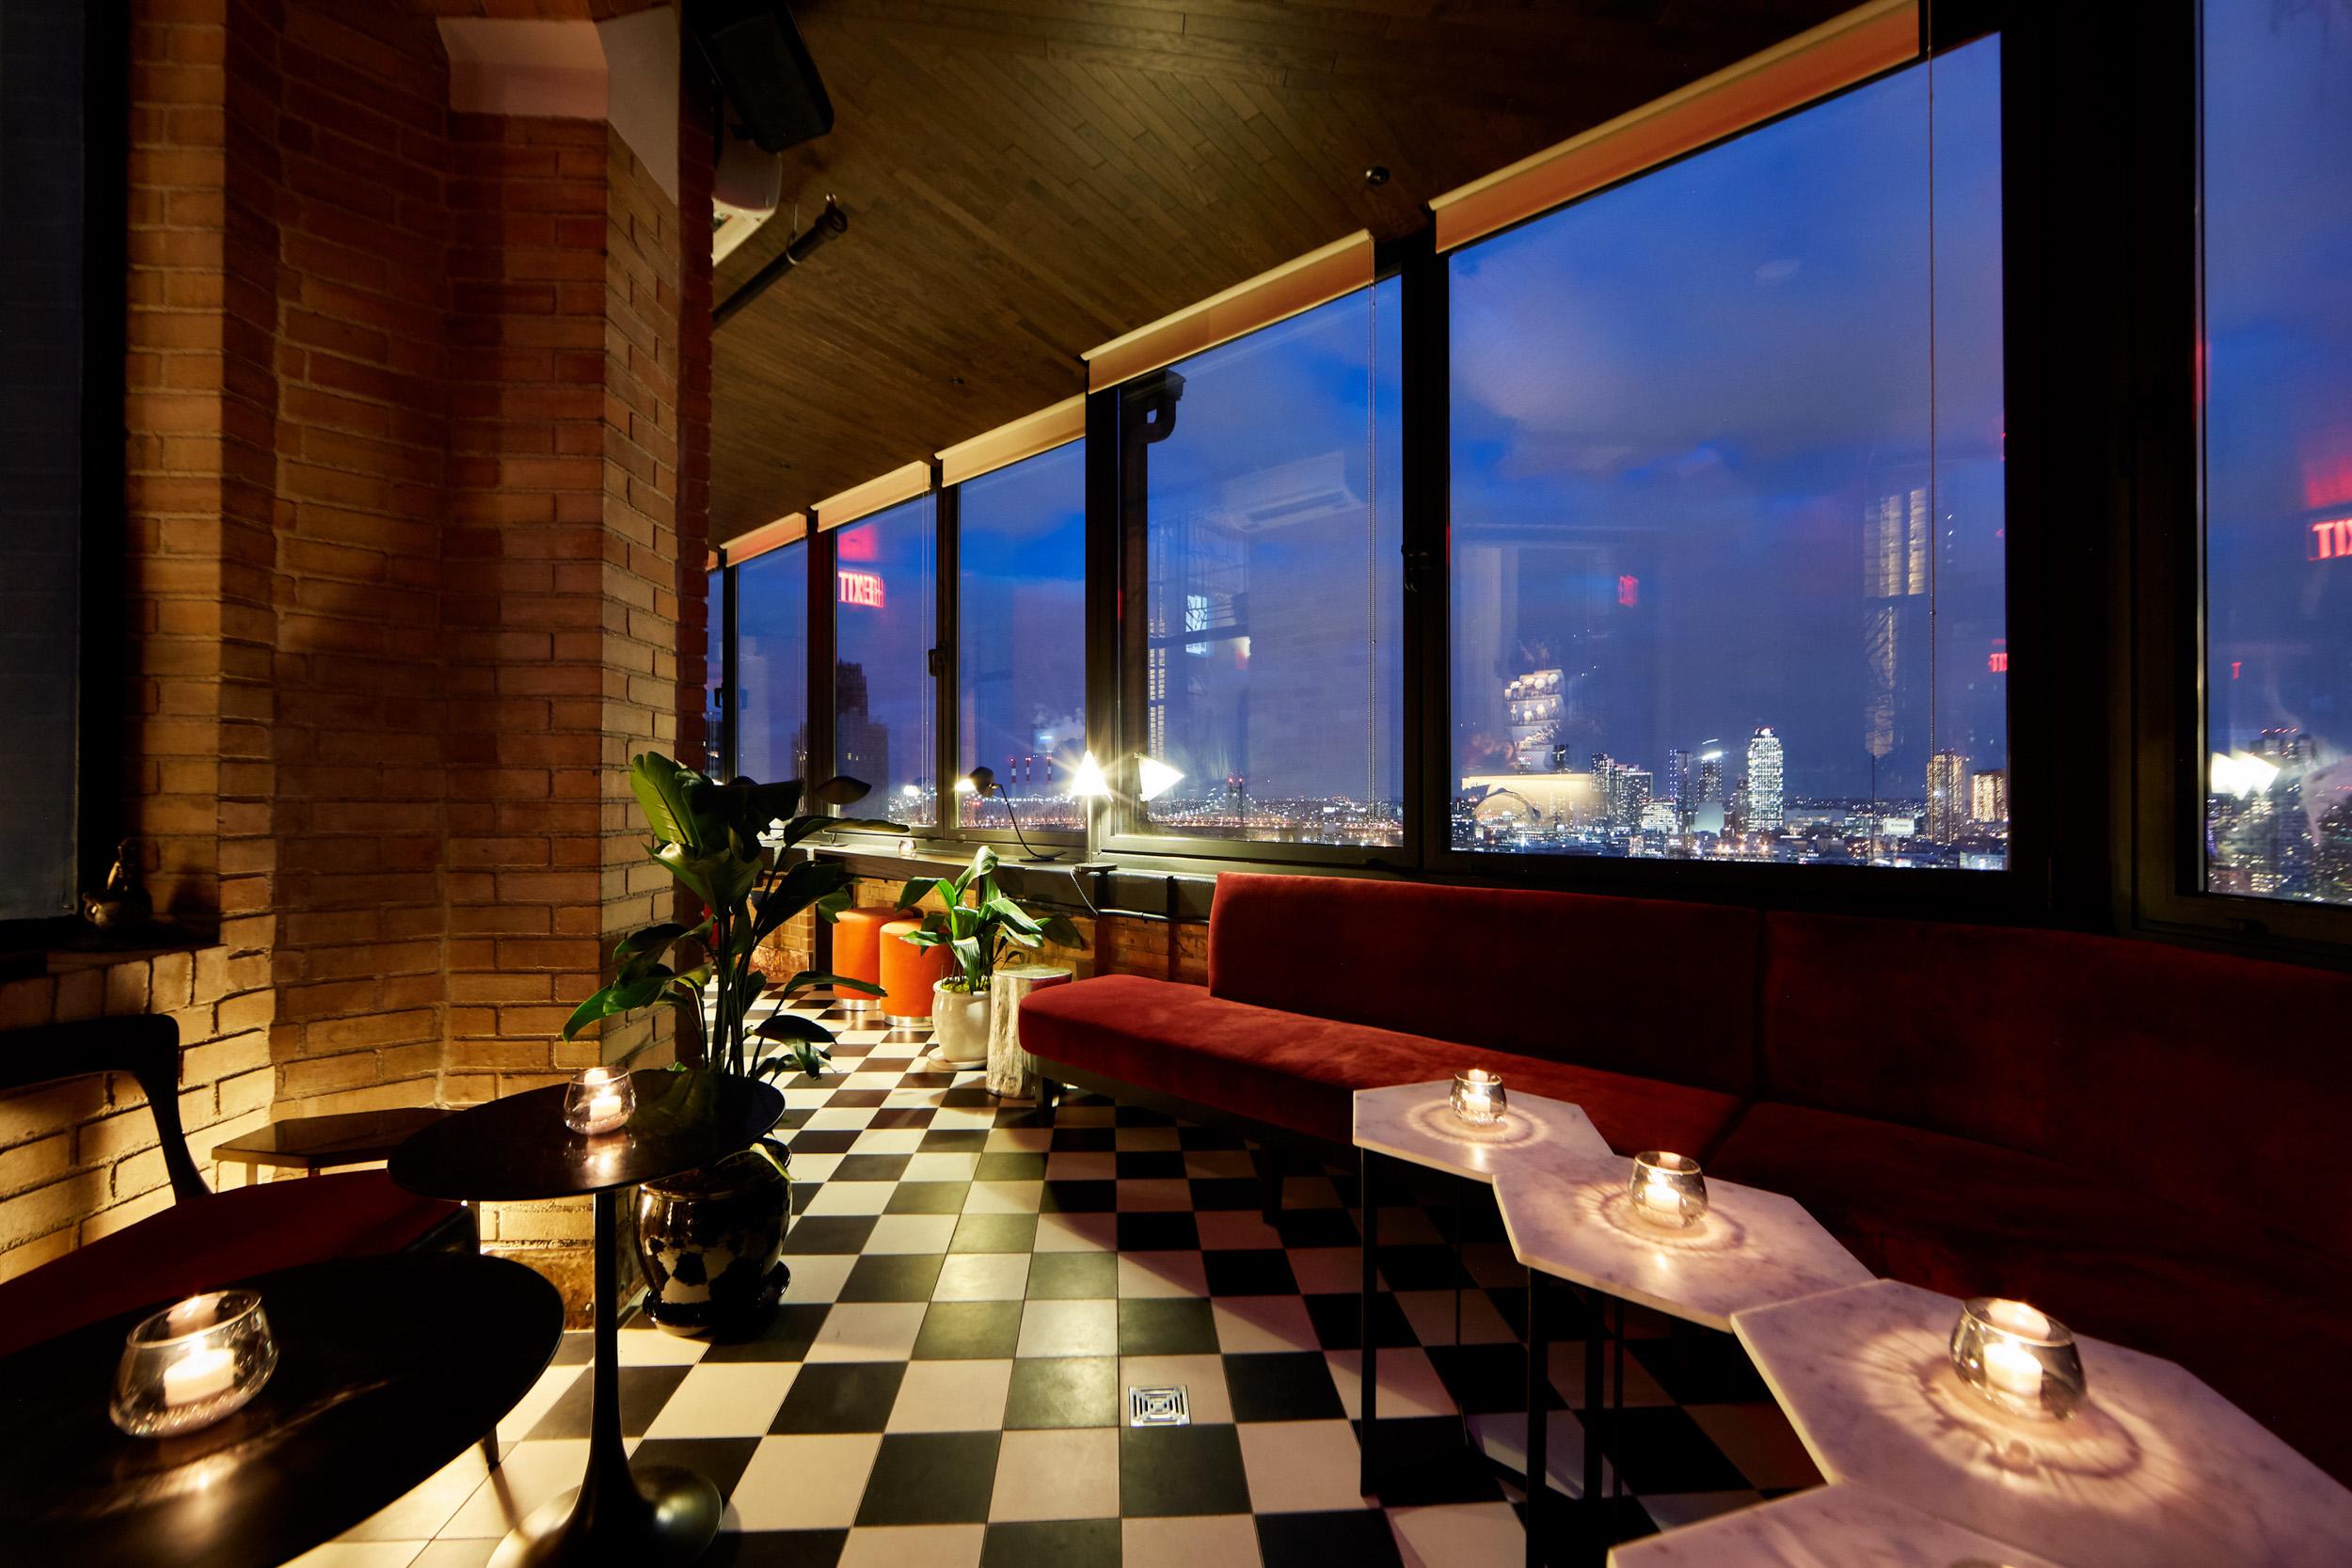 ophelia-rooftop-lounge-nyc-img_6795.jpg